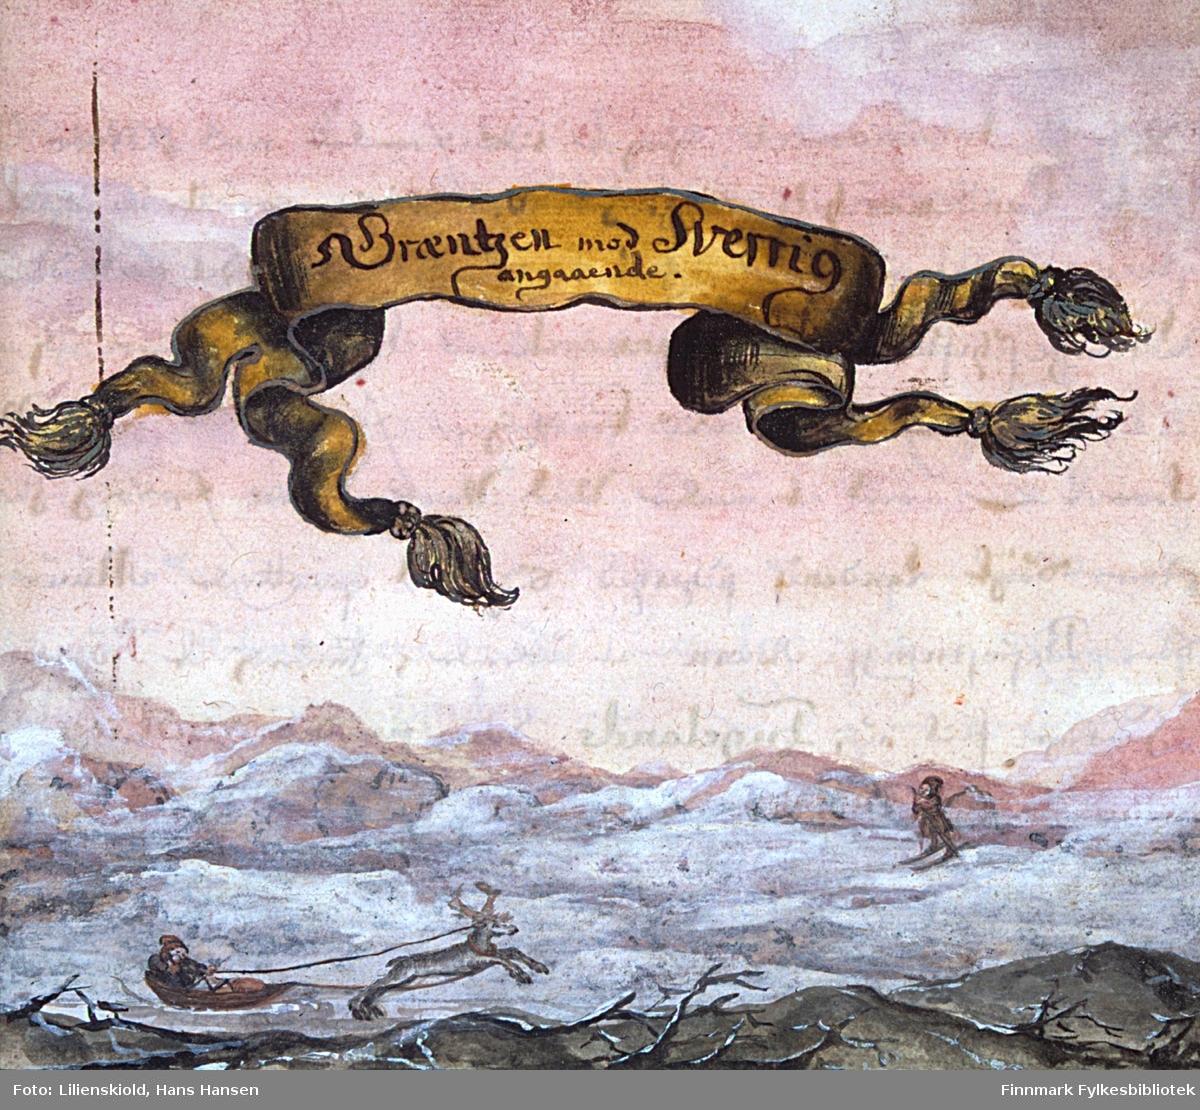 Græntzen mod Sverrig angaaende. Vinterbilde som viser transport med rein og pulk, samt en skiløper. Innledningsillustrasjon til Cap. 4 i 2. binds første deling